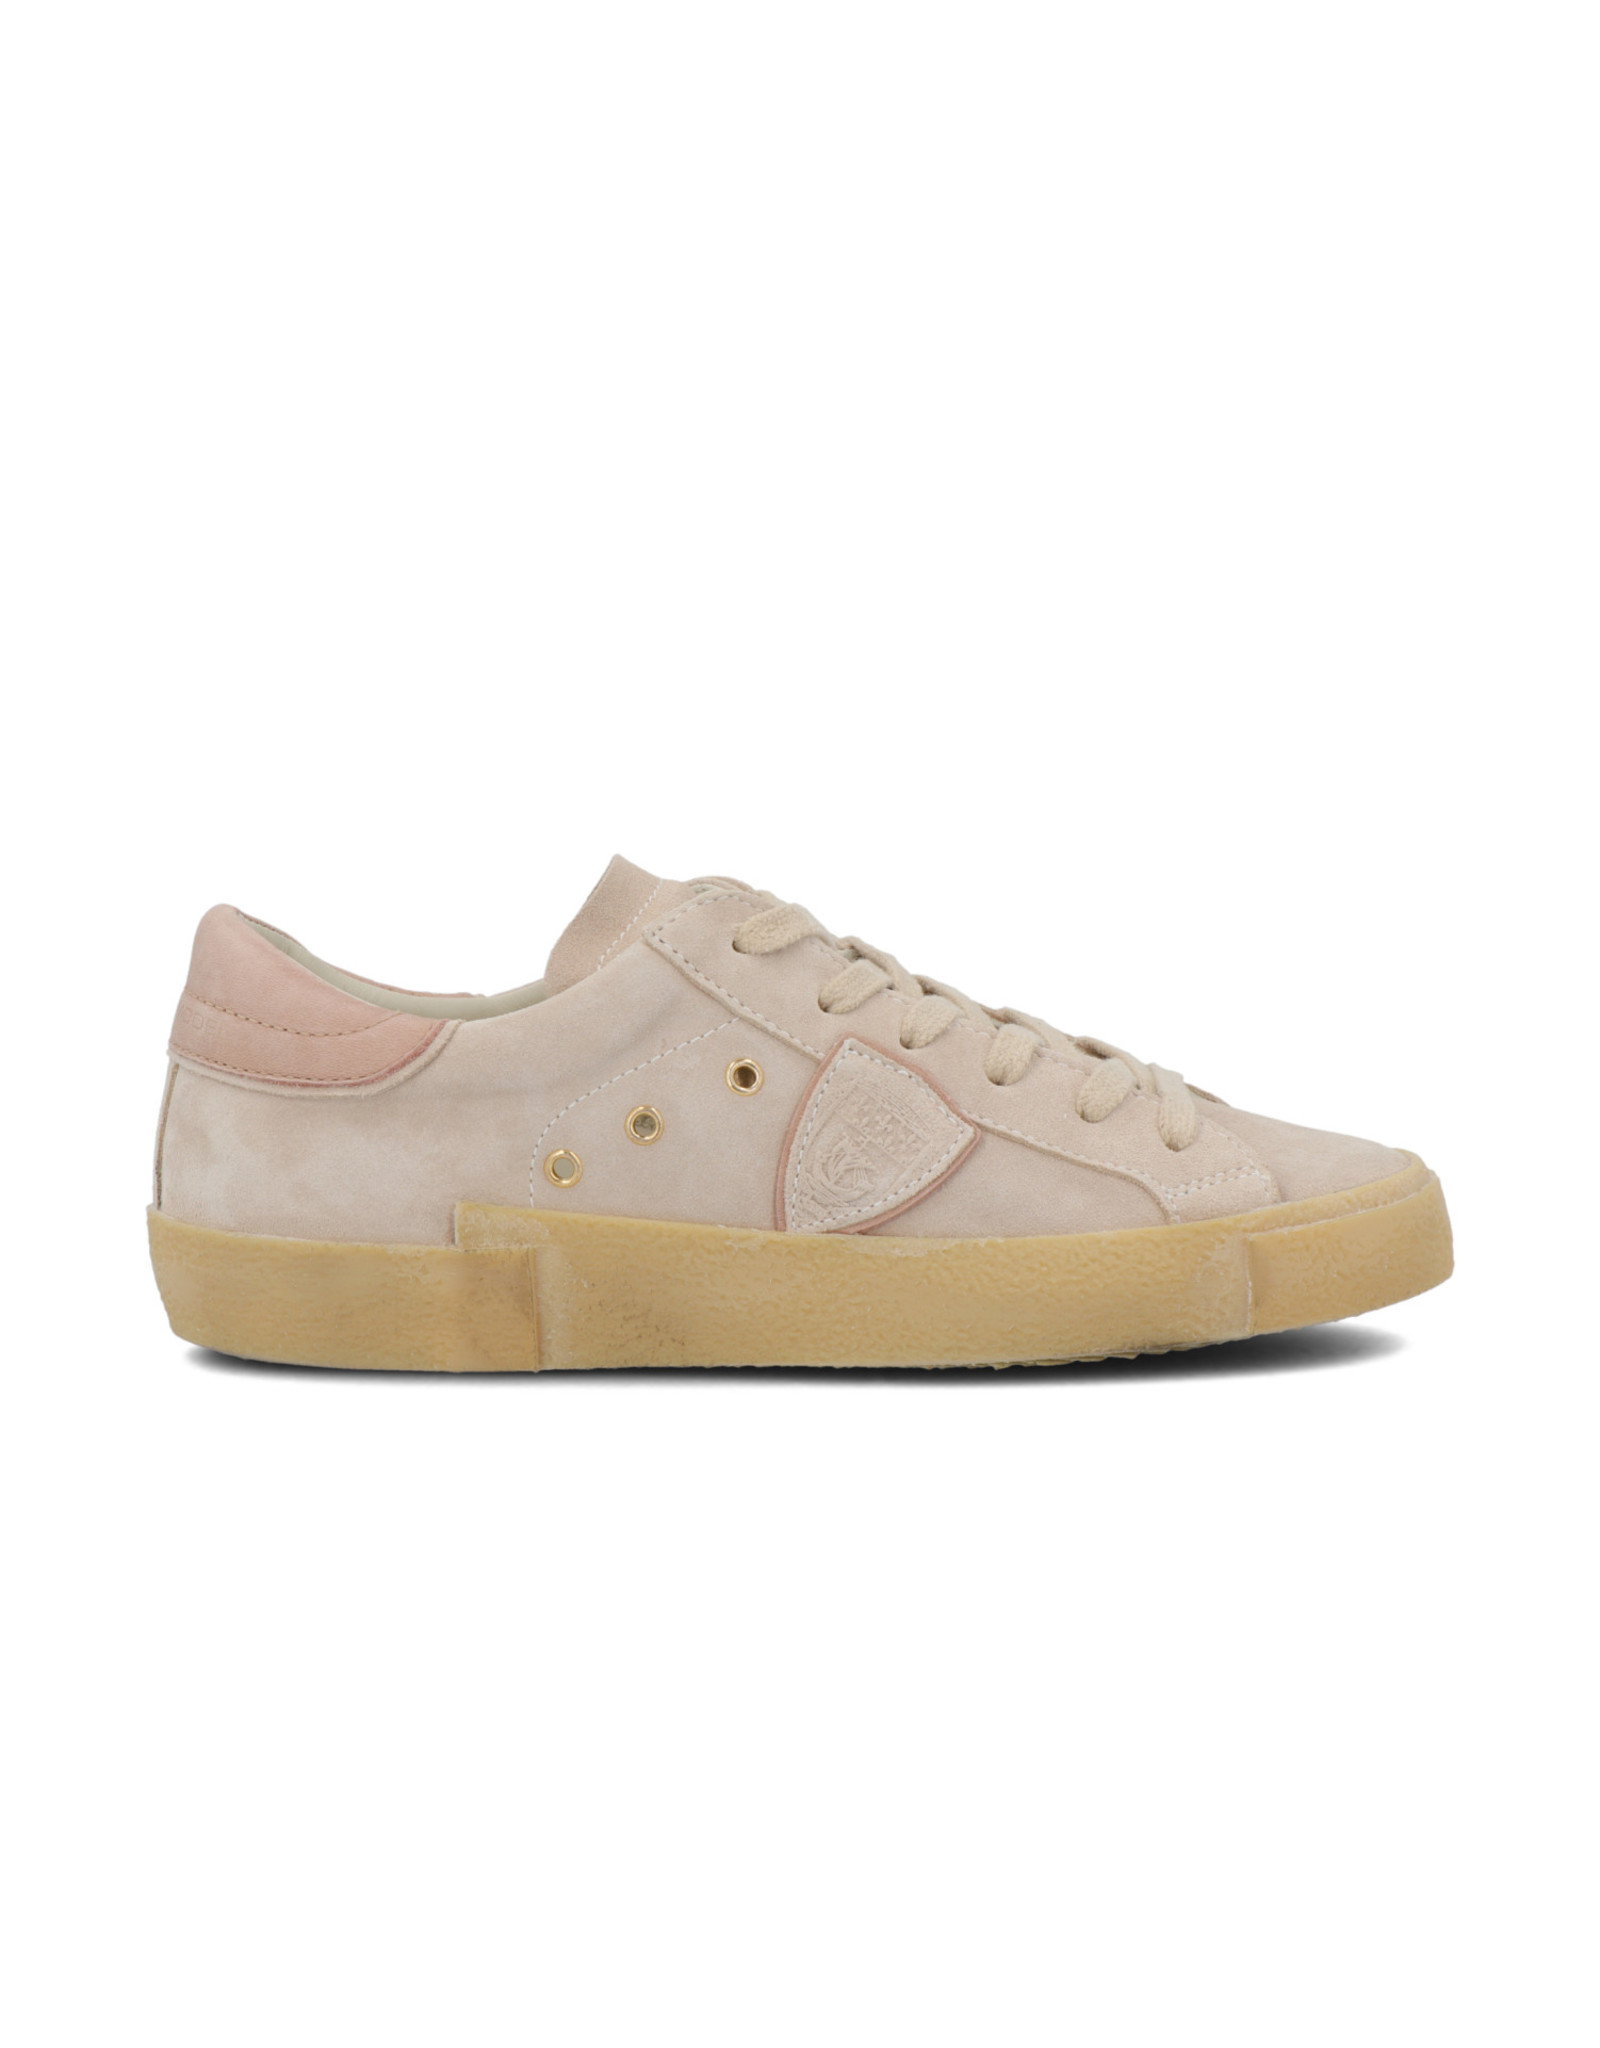 PHILIPPE MODEL Vintage Daim Sneaker